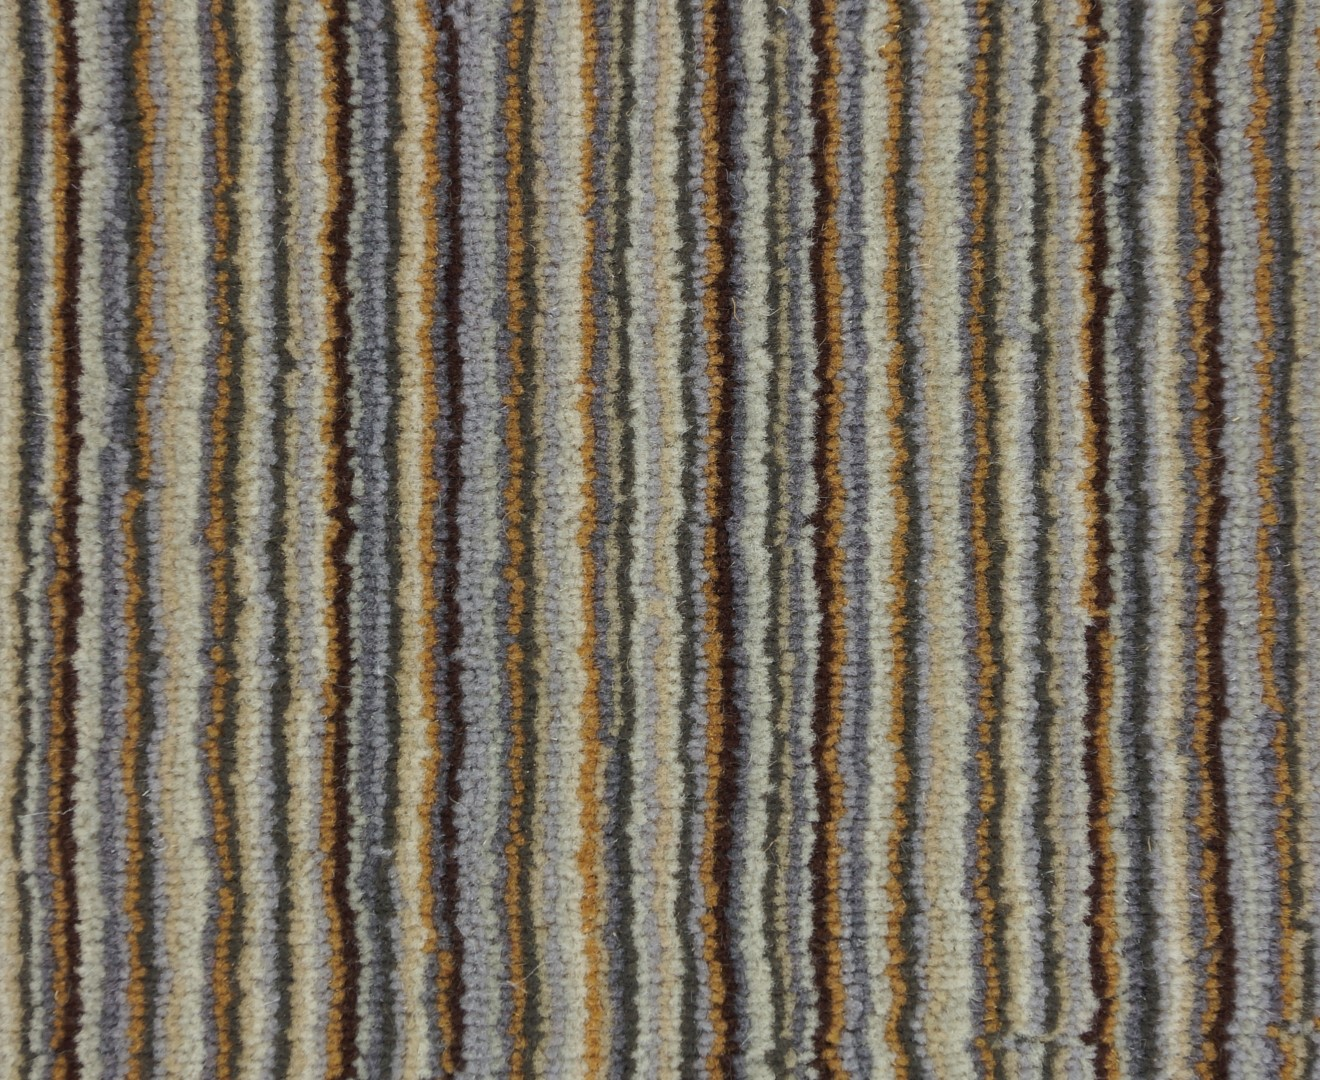 Chemin d 39 escalier et passage 80 milfils zen collection textile dessins motifs - Zen de passage ...